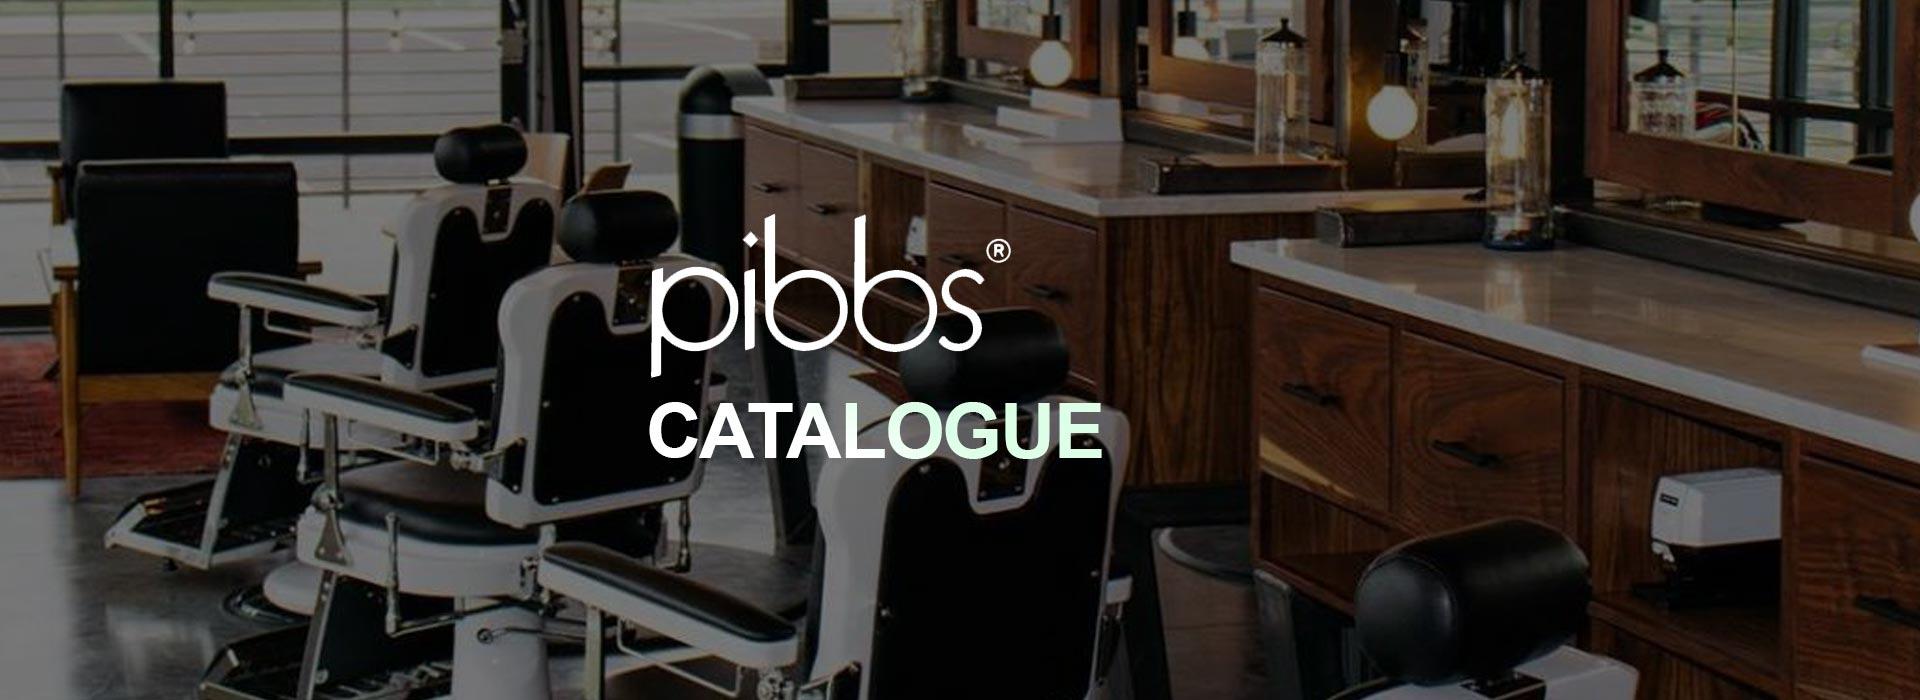 Pibbs Catalogue - OBSCO